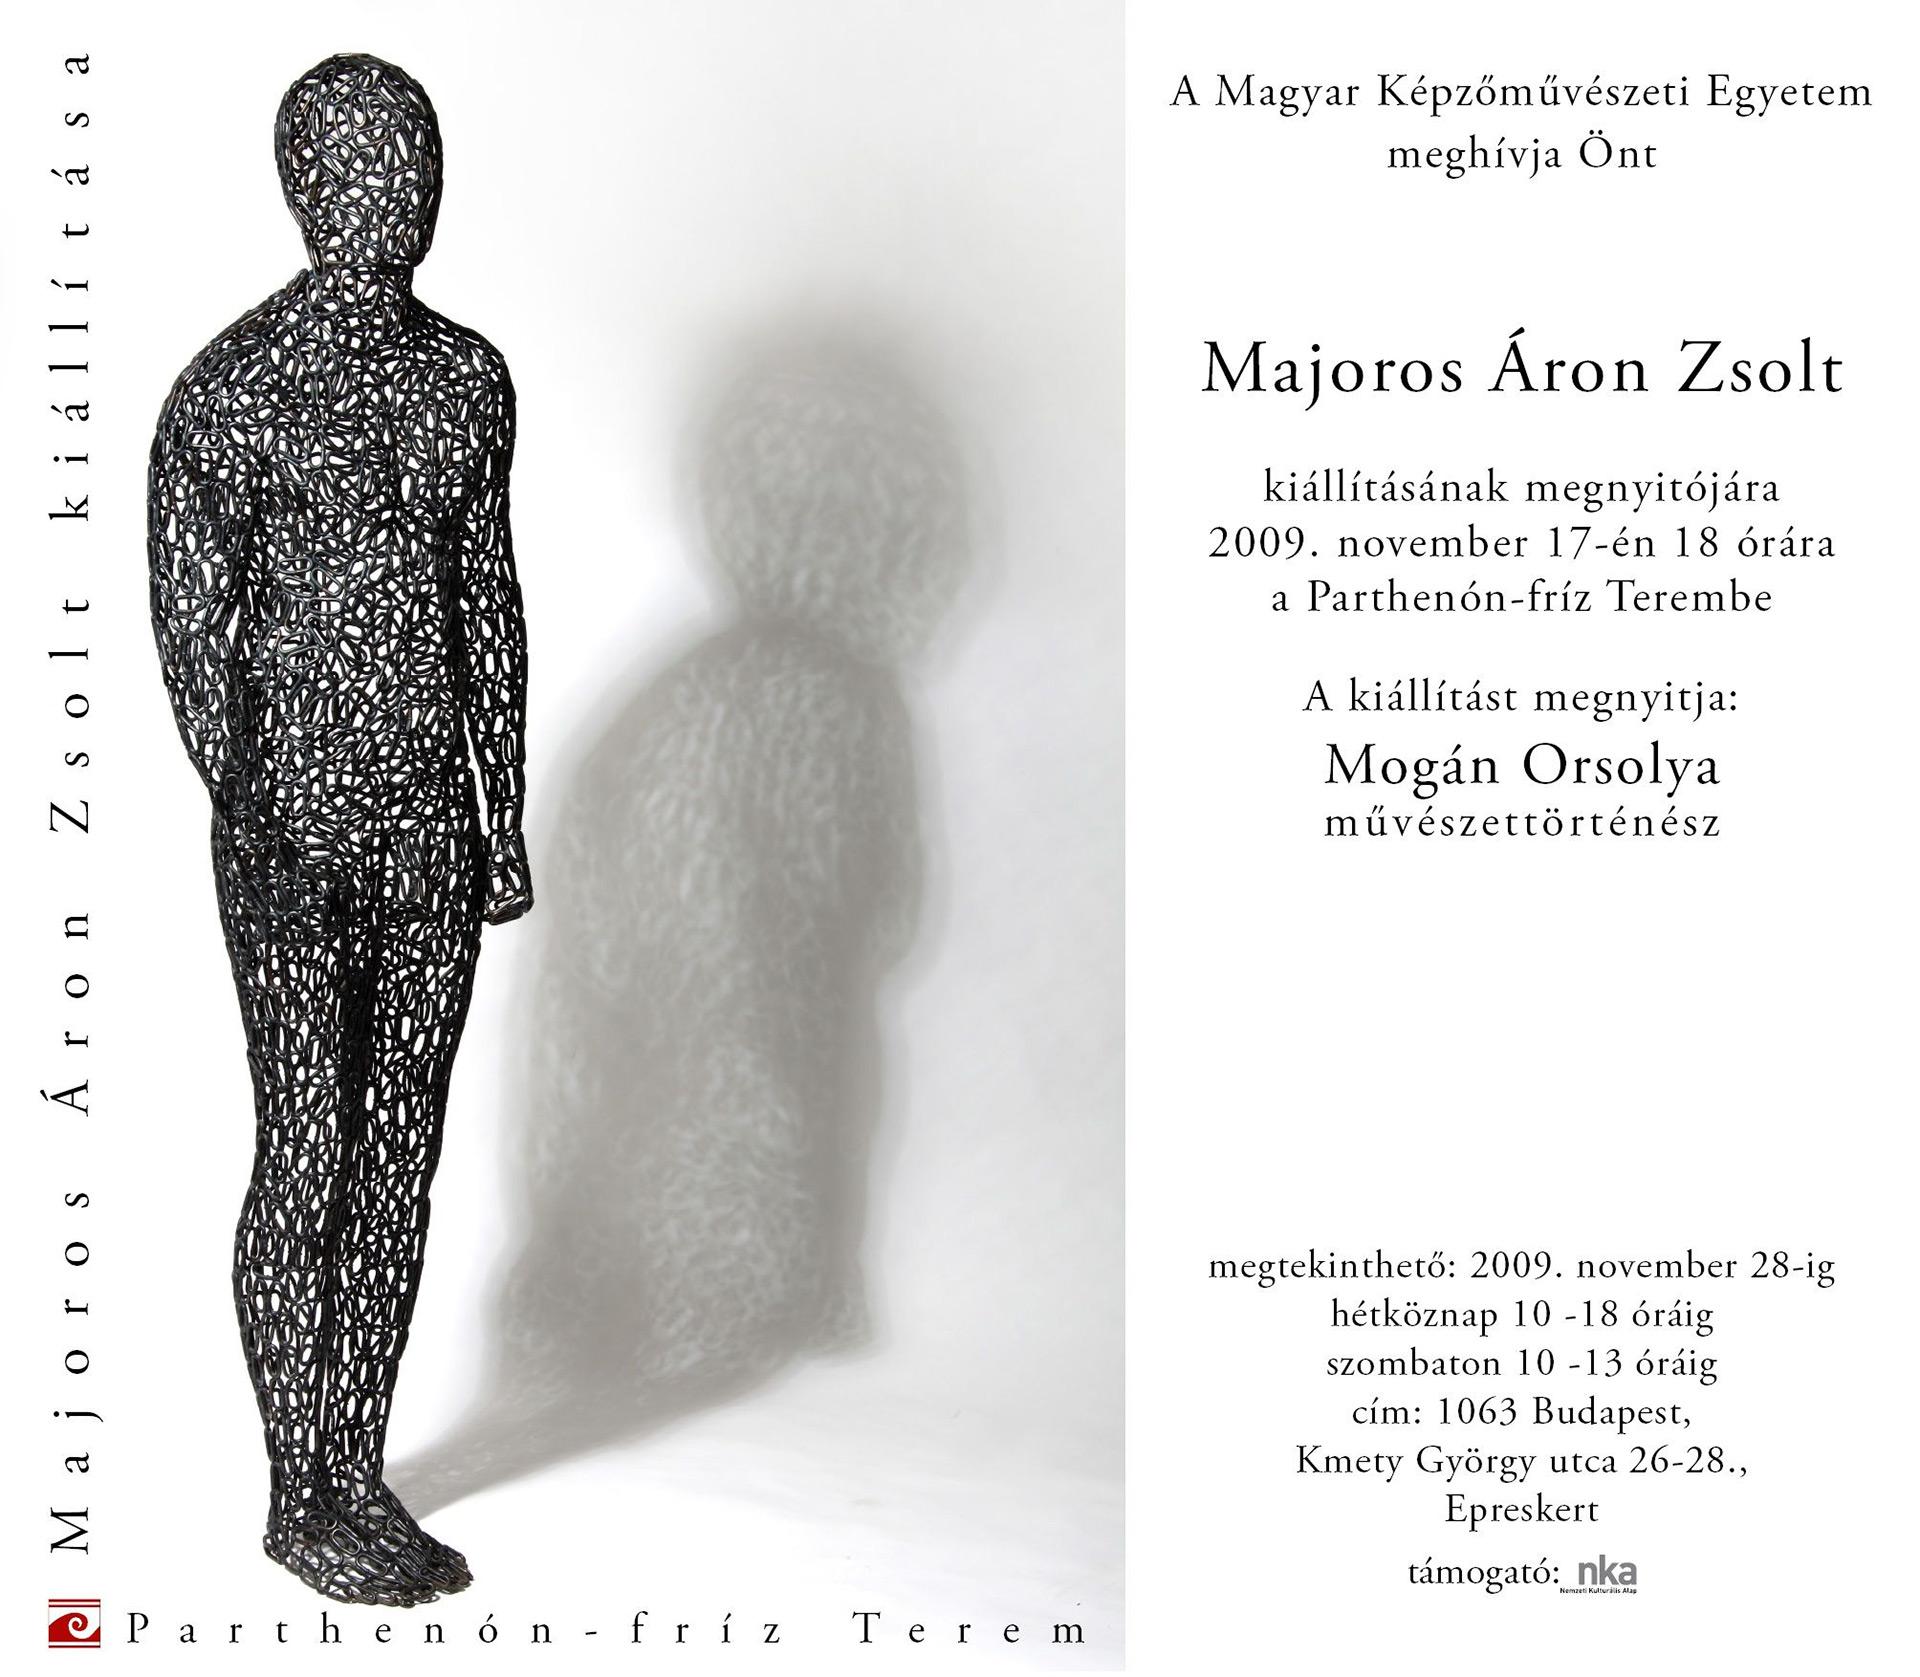 002-mke_majoros_aron